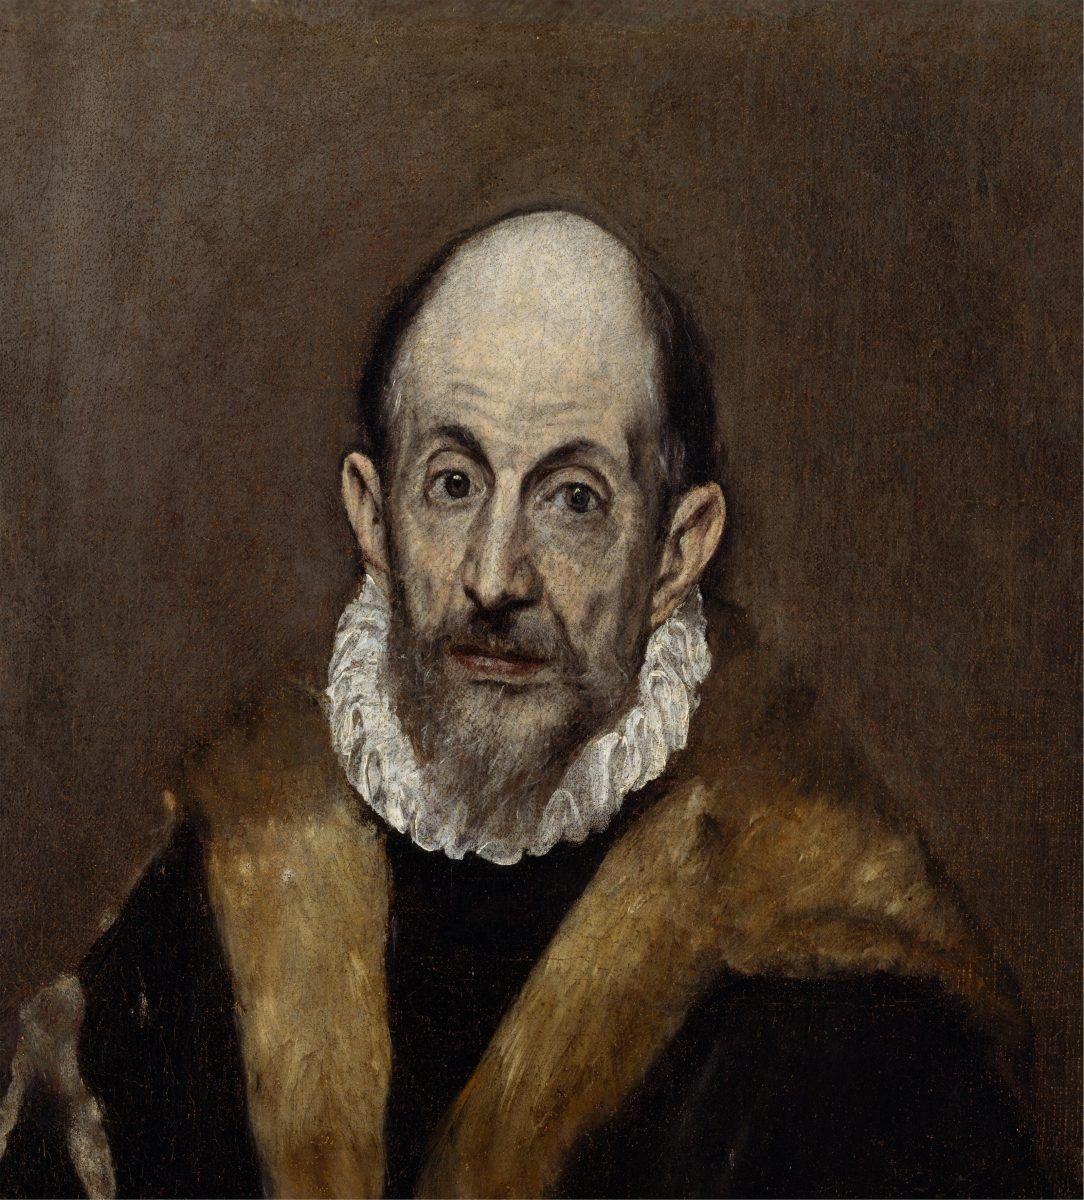 Cuadros de El Greco y sus obras para comprar